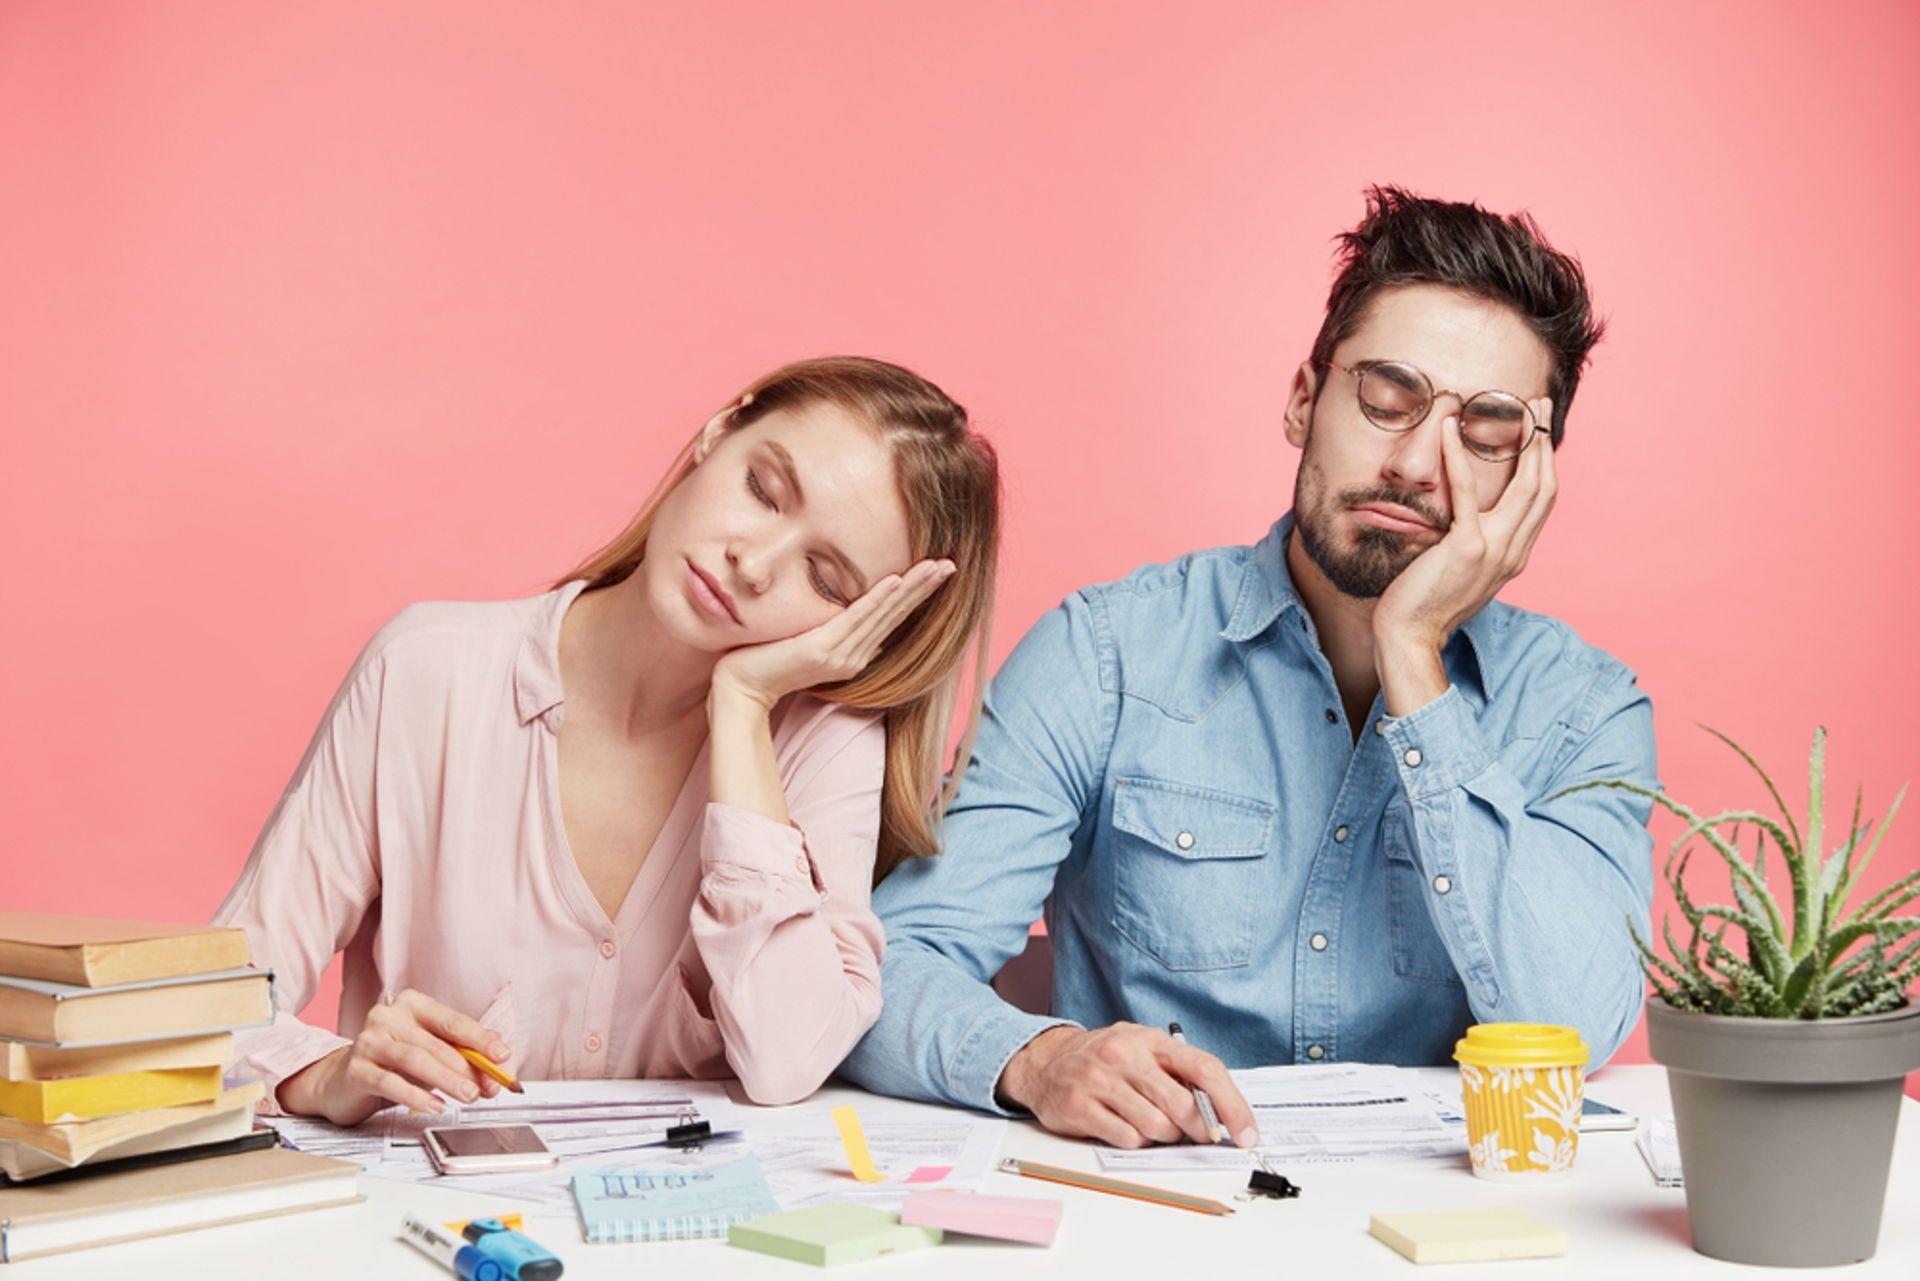 11-Cara-Mengatasi-Lelah-dan-Tidak-Bersemangat